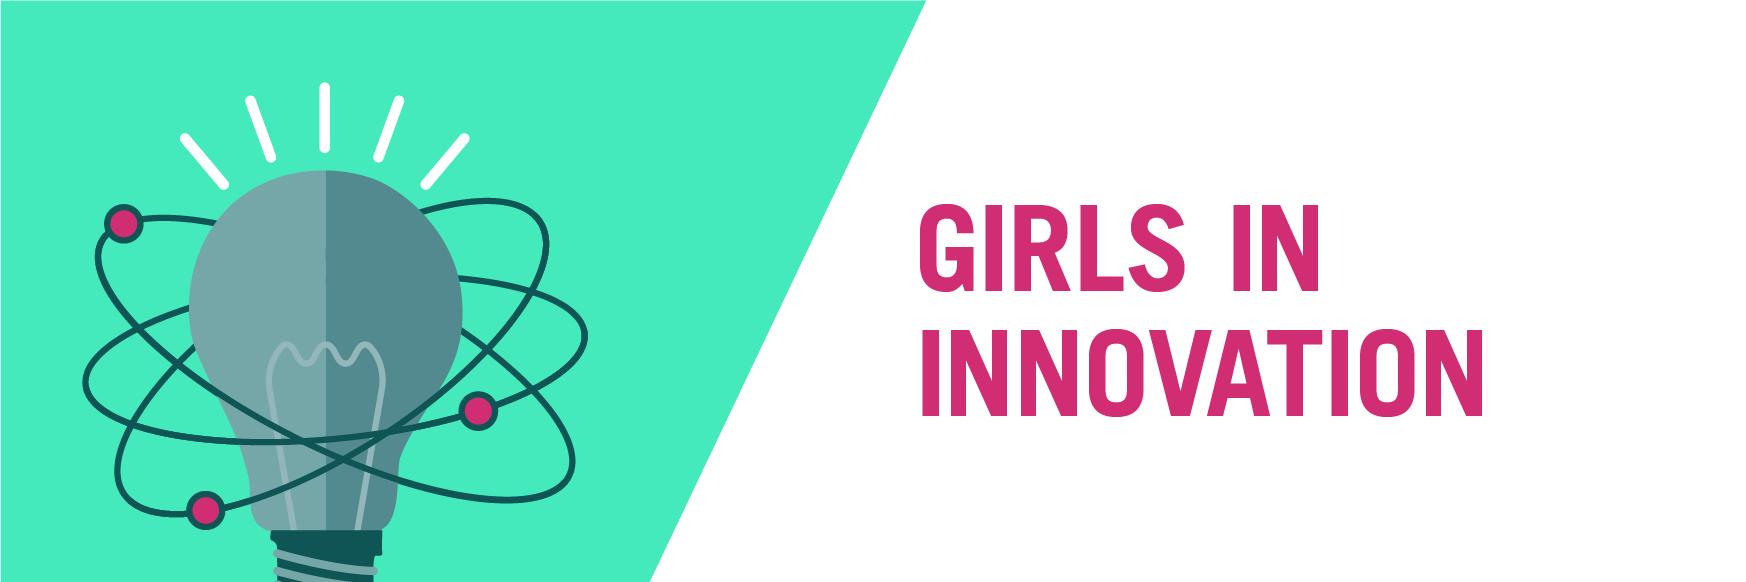 Girls-in-Innovation-Banner-web.v2-01